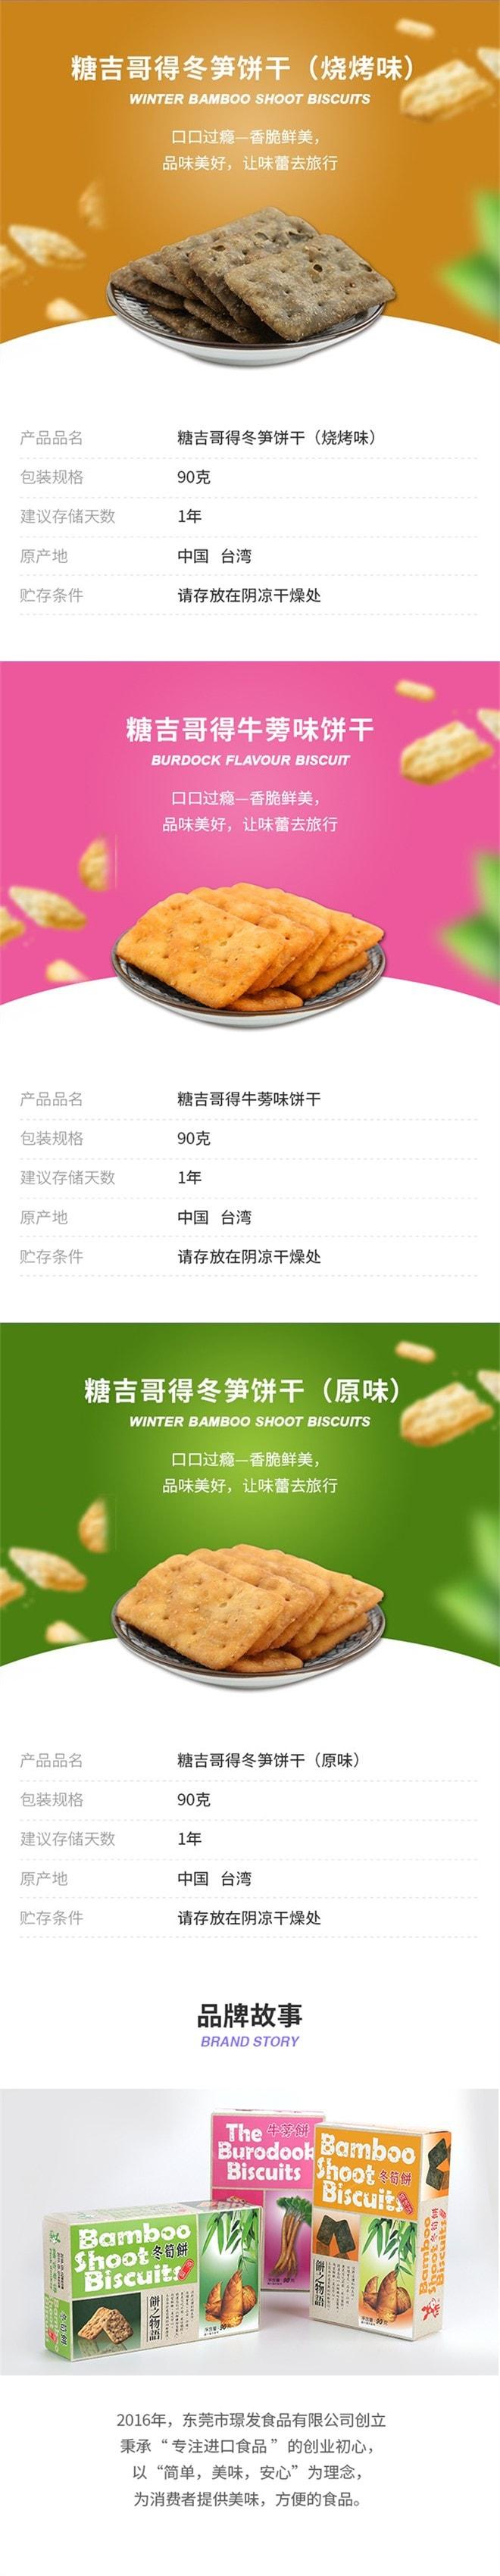 【中国直邮】糖吉哥得 3口味饼干组合装90gx3盒 (原味冬笋饼+烧烤味冬笋饼+牛蒡饼干)